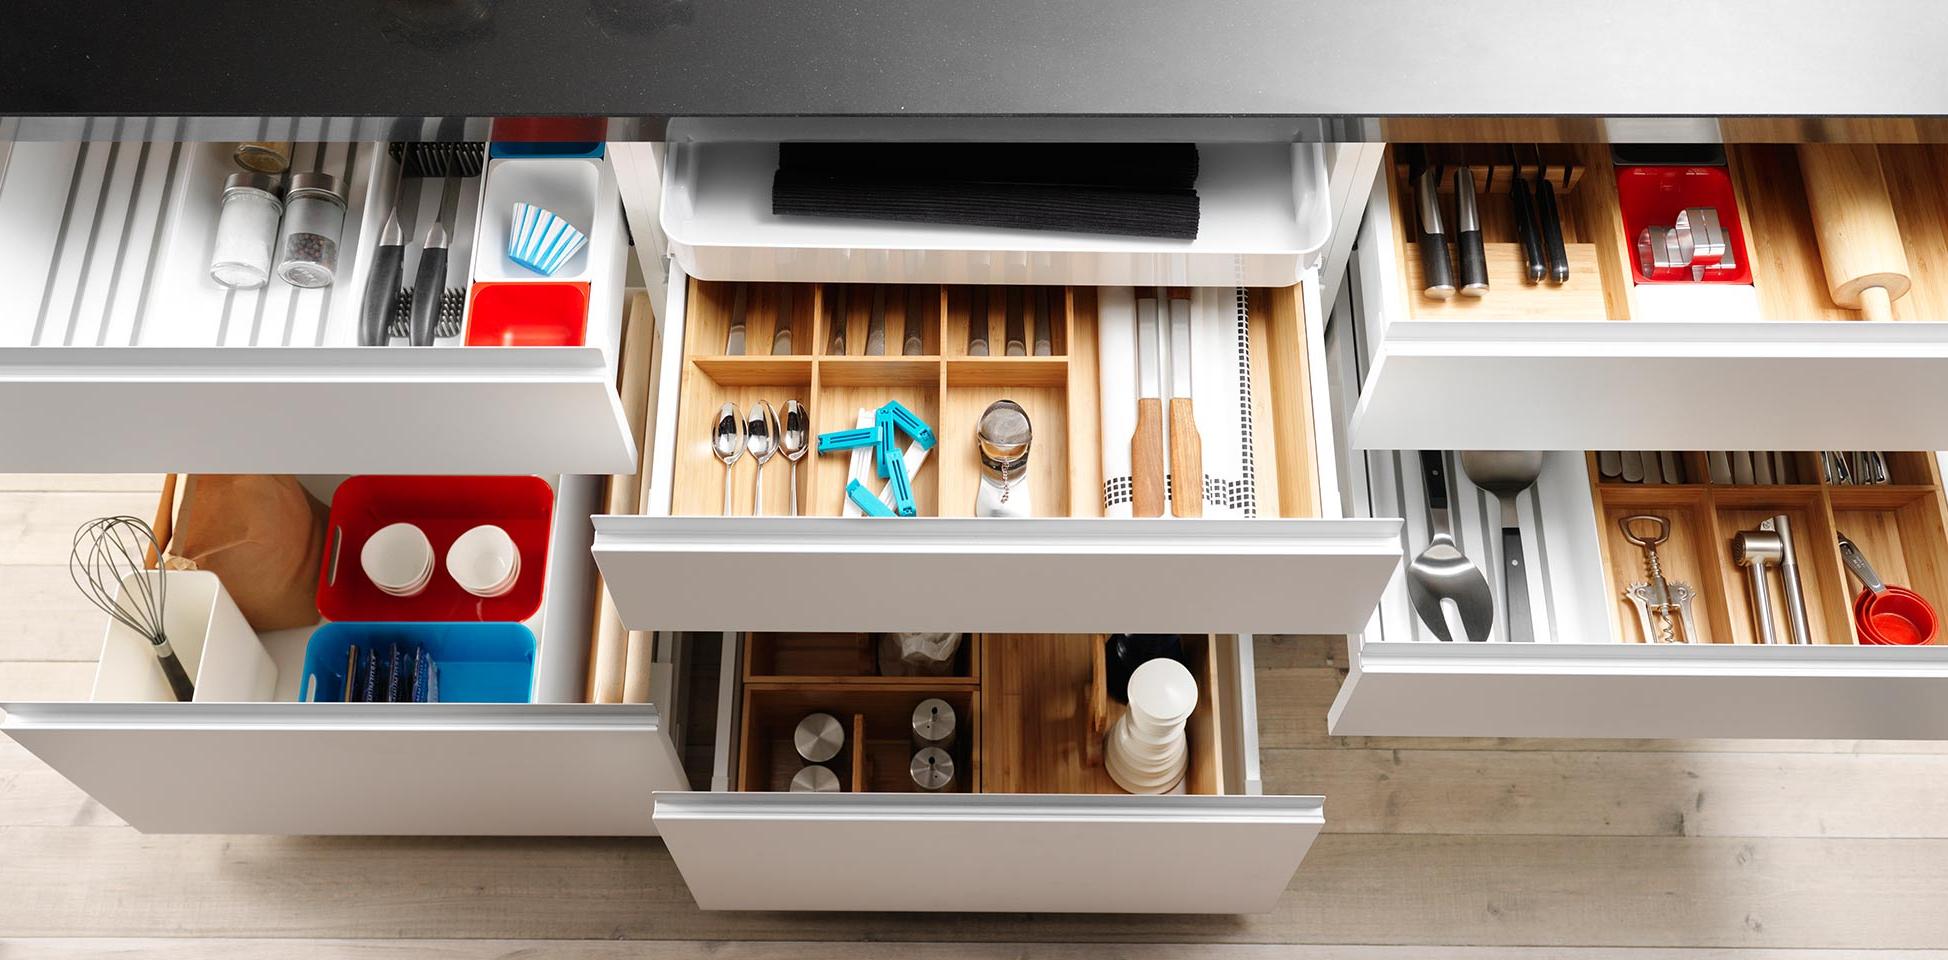 Organizar Interior Muebles Cocina Dwdk Curso Ideas Para Tener Una Cocina ordenada Ikea